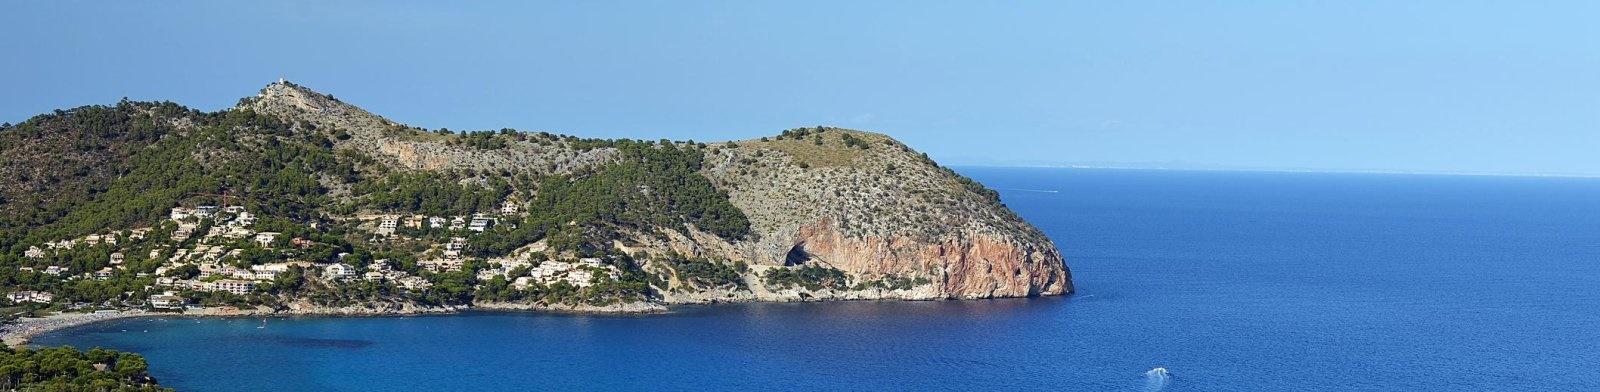 Canyamel Bay, Mallorca